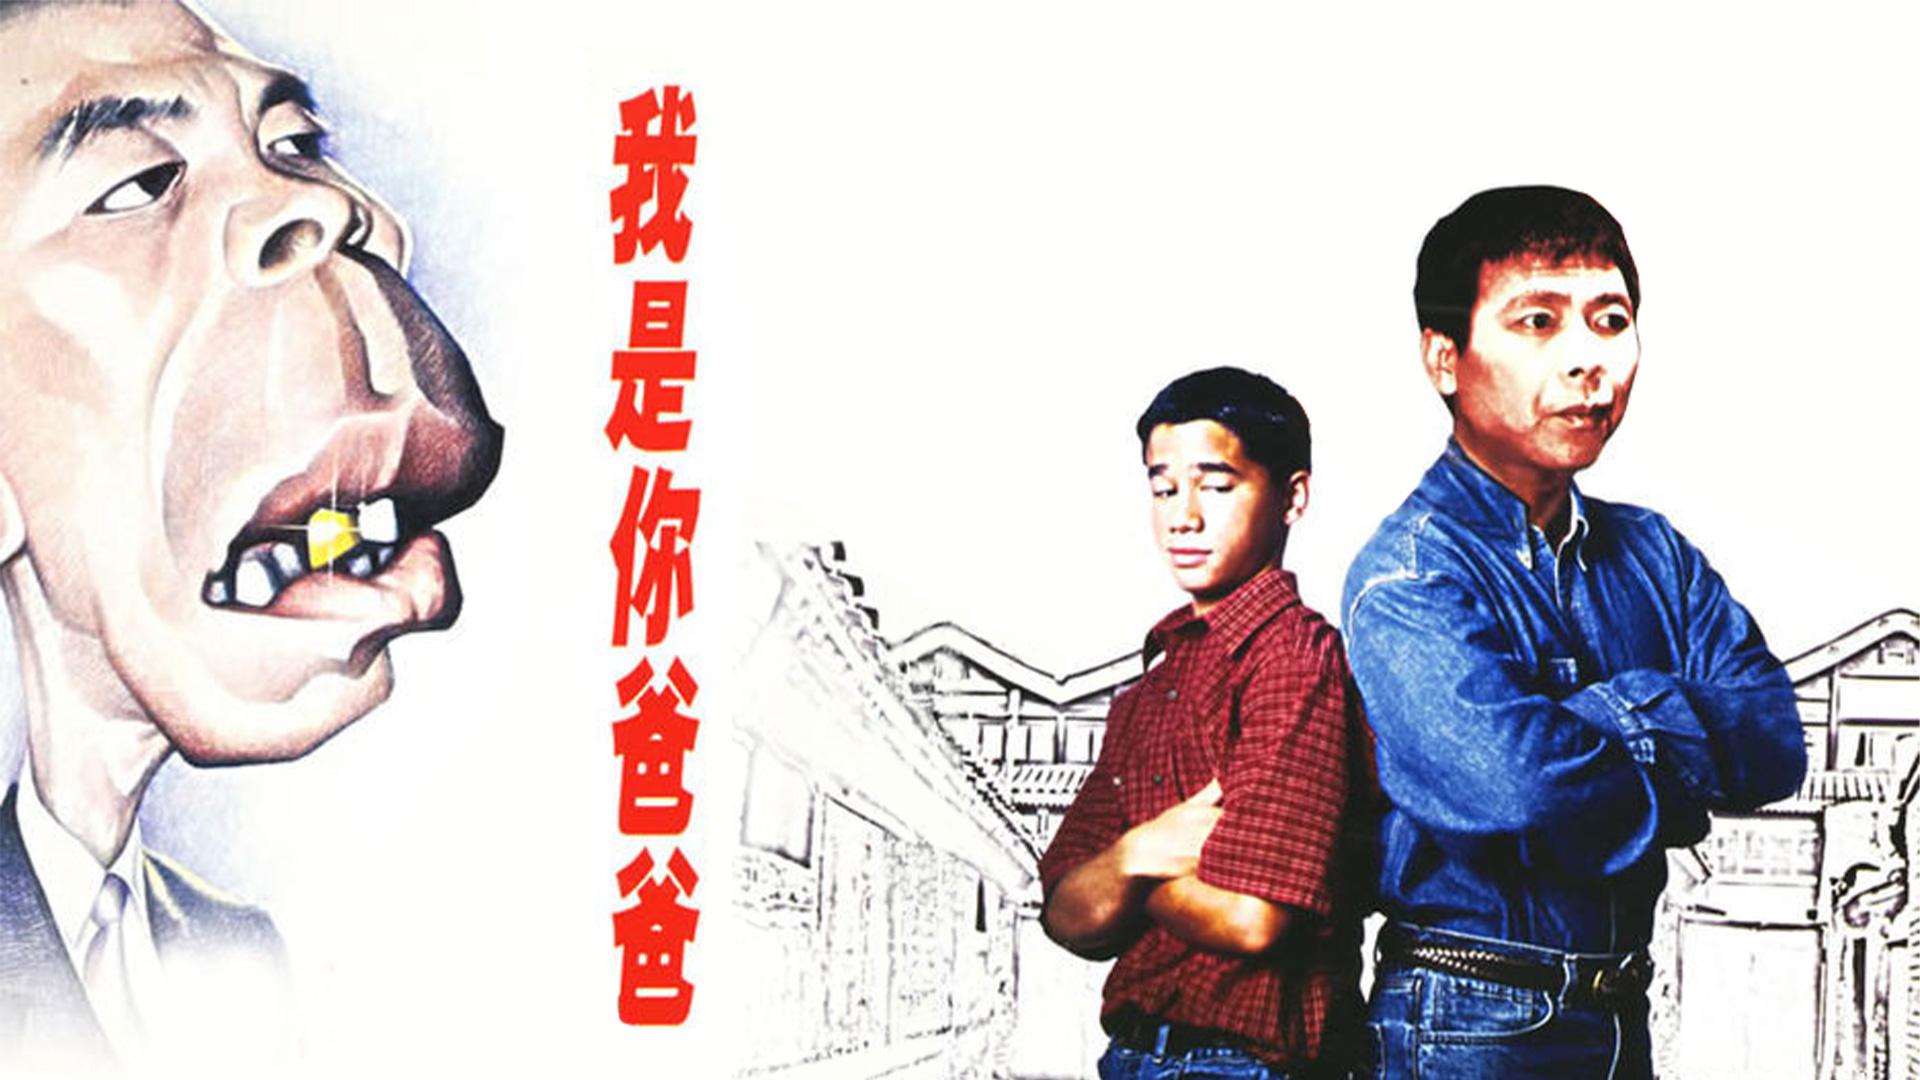 老子电影在线 老子电影高清完整版